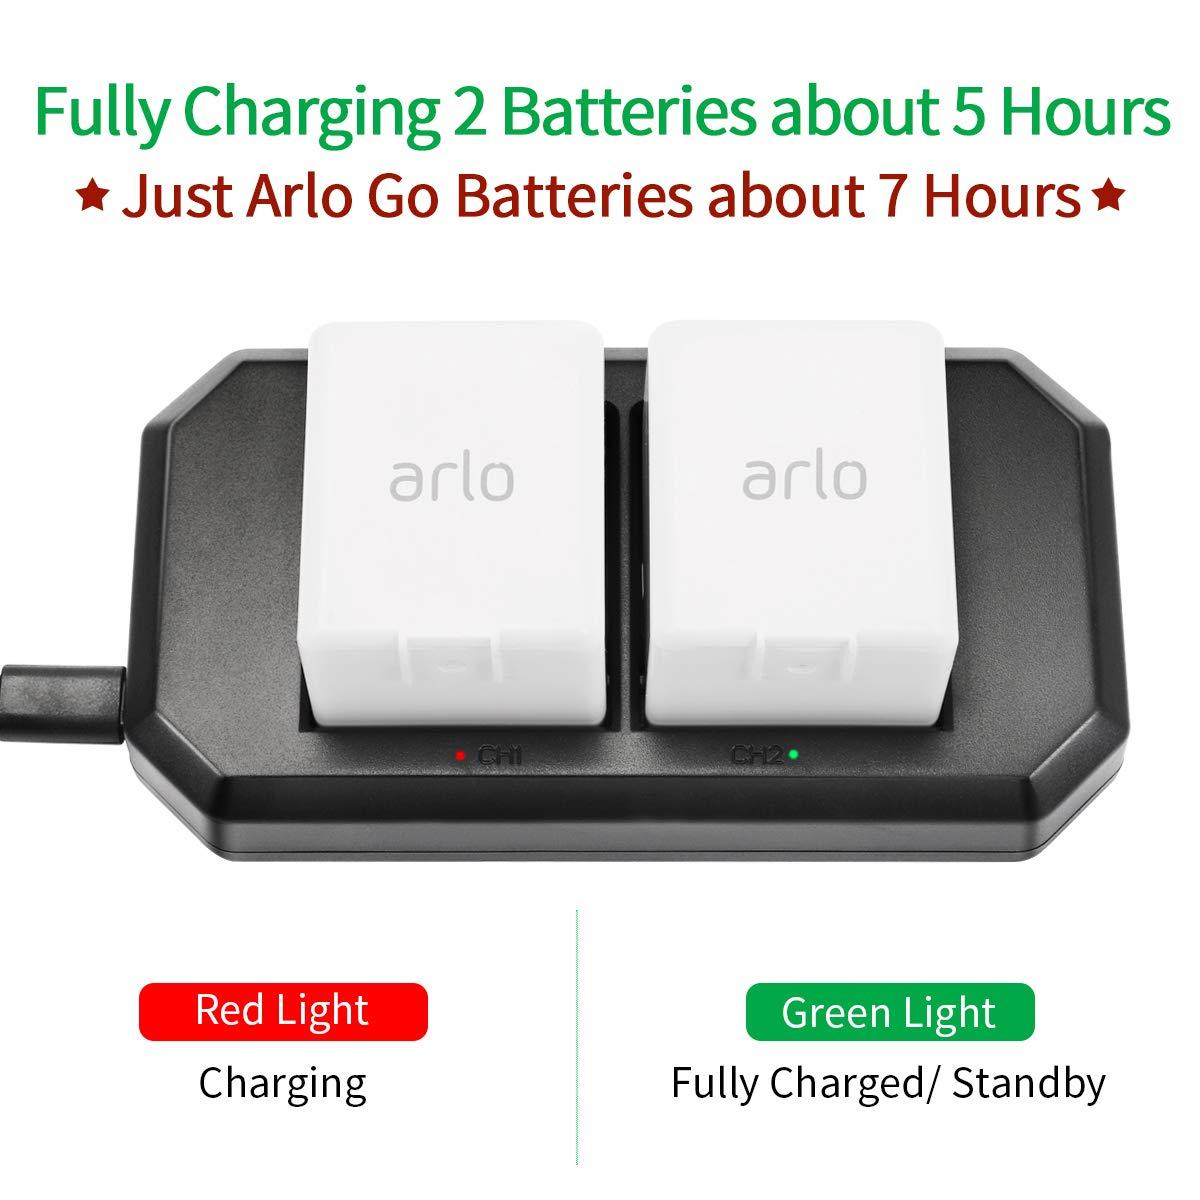 Keenstone Arlo Chargeur de Batterie Rechargeable ,2 Ports Station de Charge pour Arlo Pro, Arlo Pro 2, Arlo Go, Arlo Light Chargeur avec USB Charge